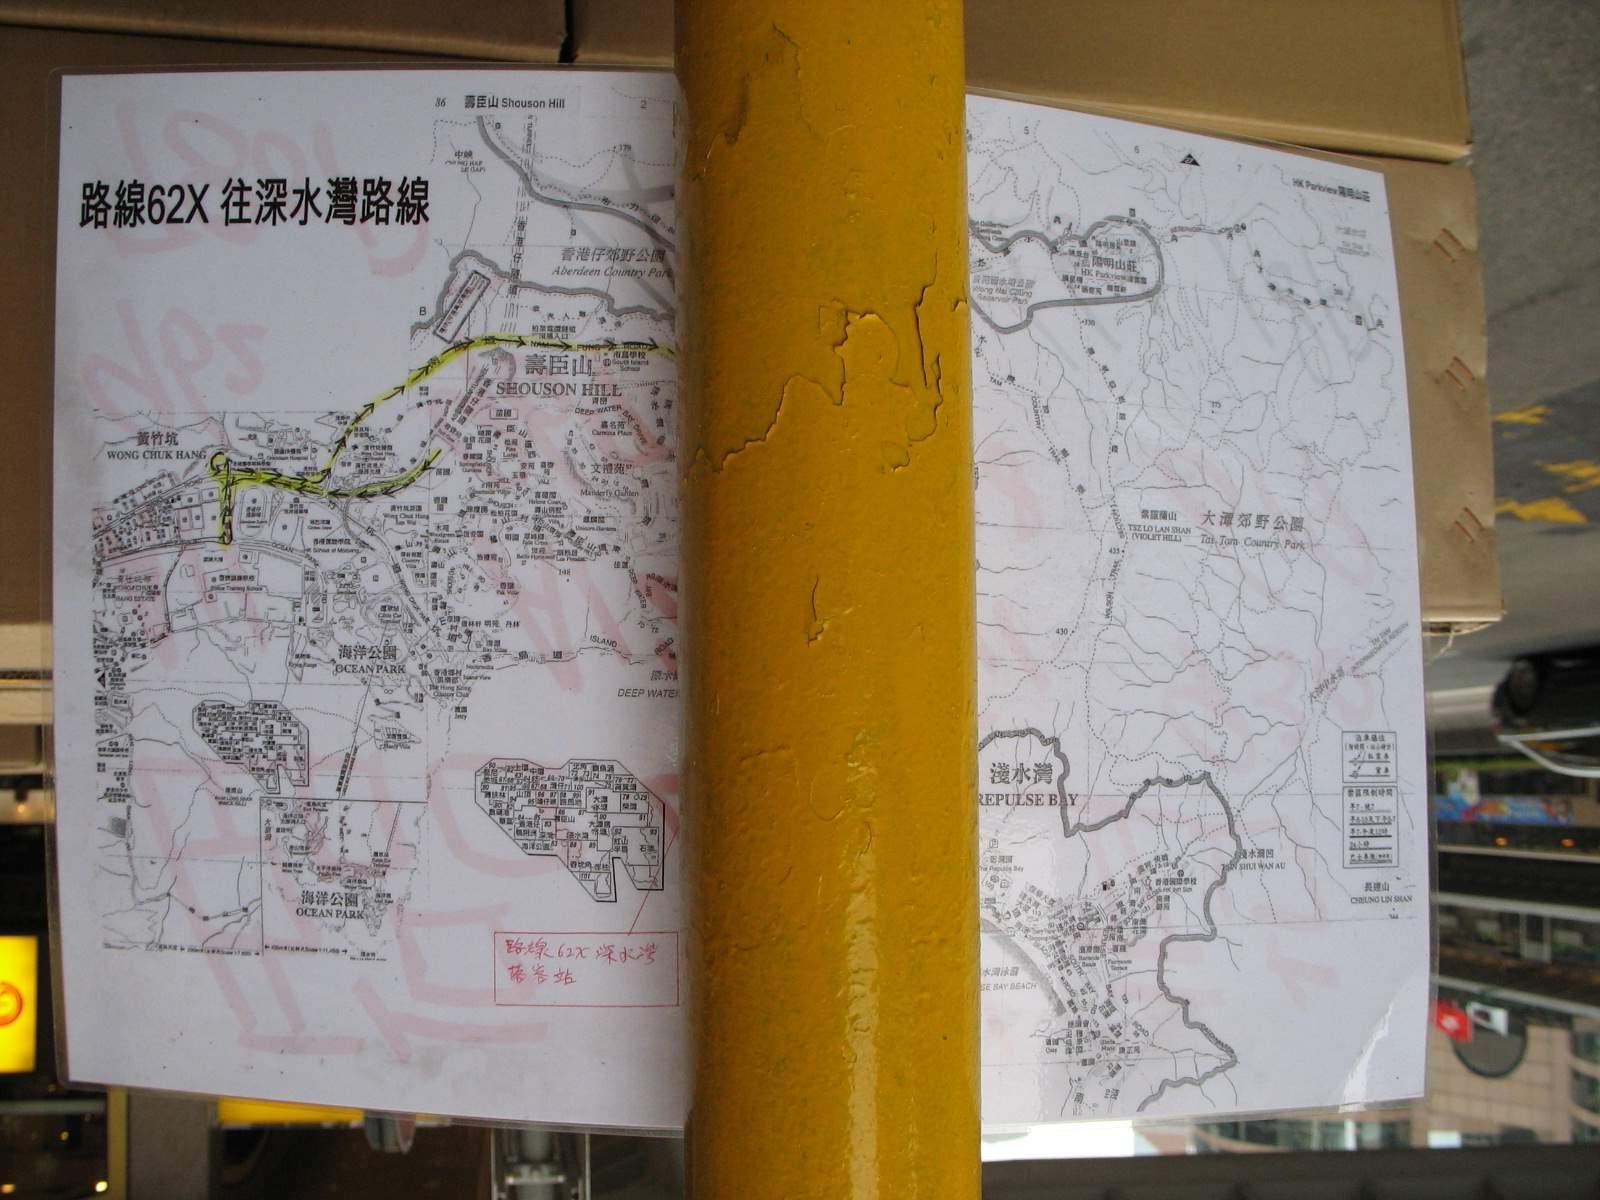 城巴新巴62X線